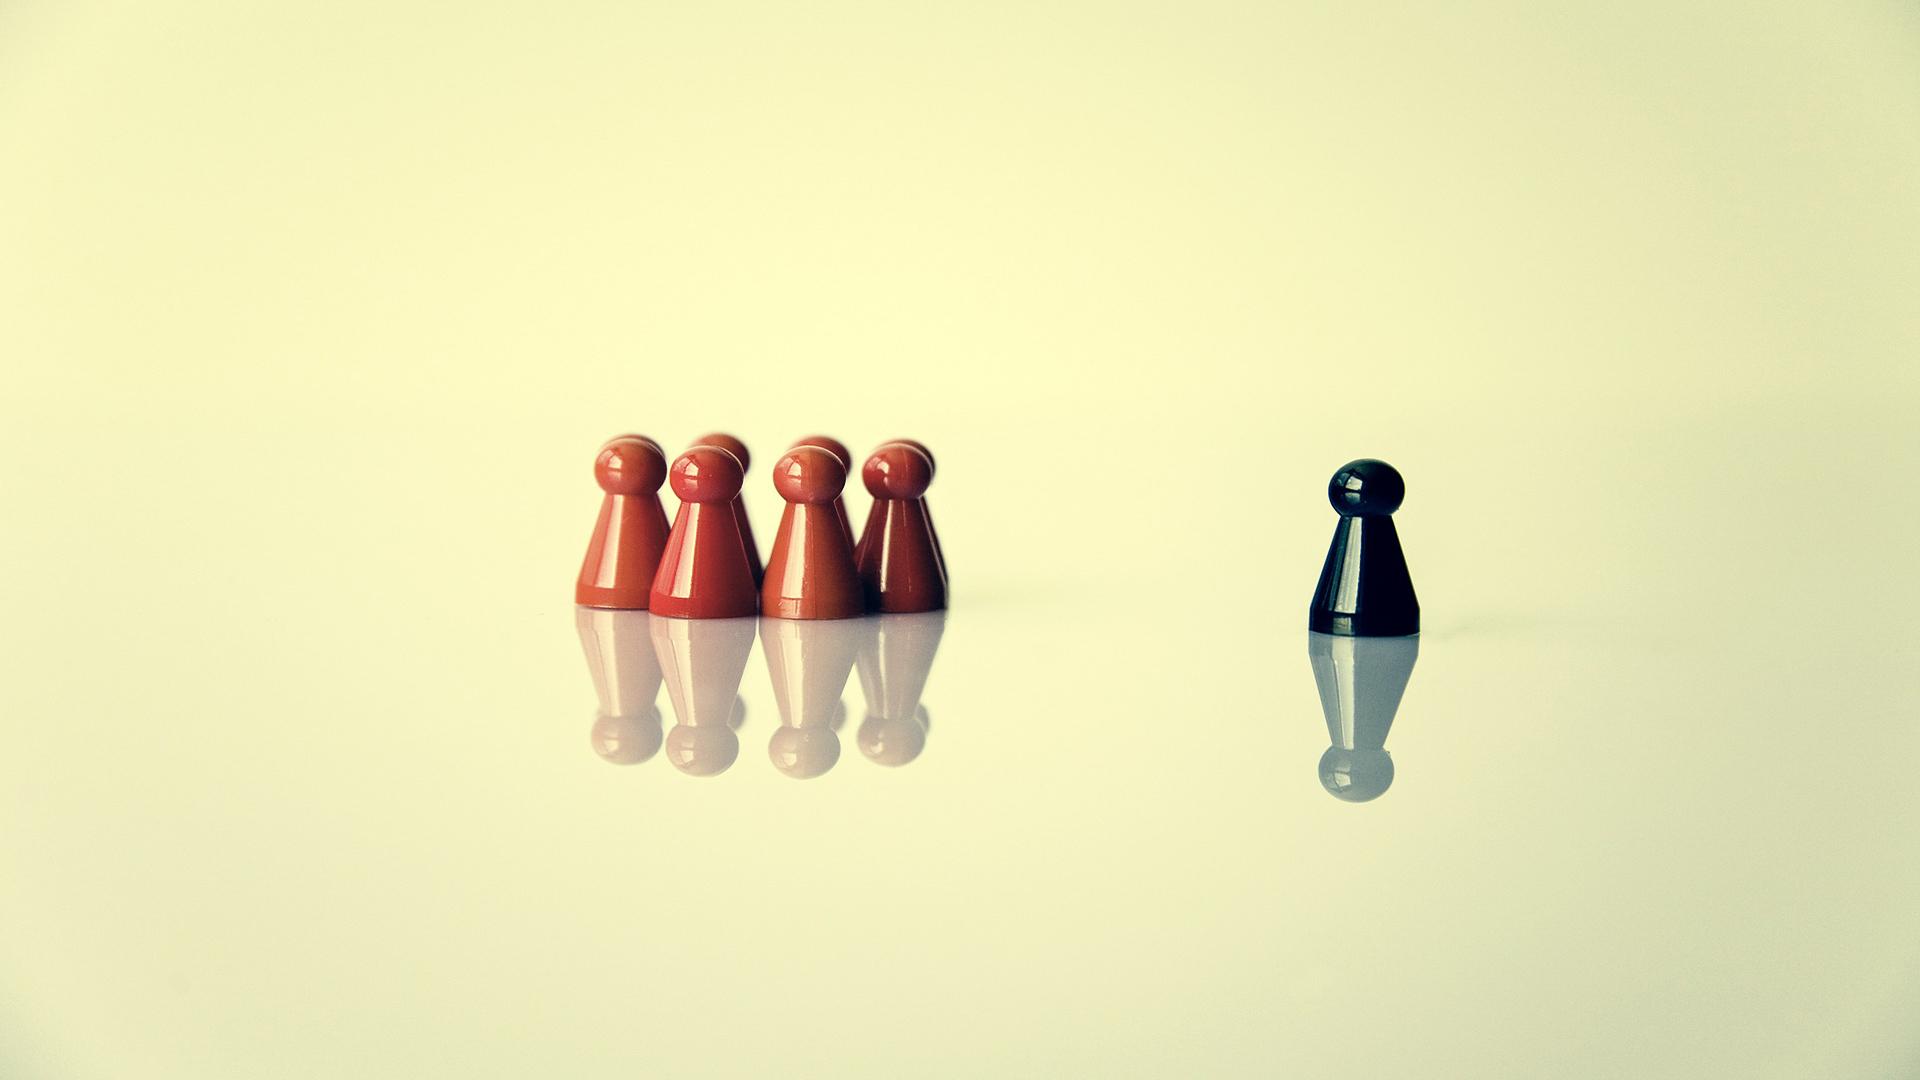 Невнасяне на дължимата вноска от съдружник